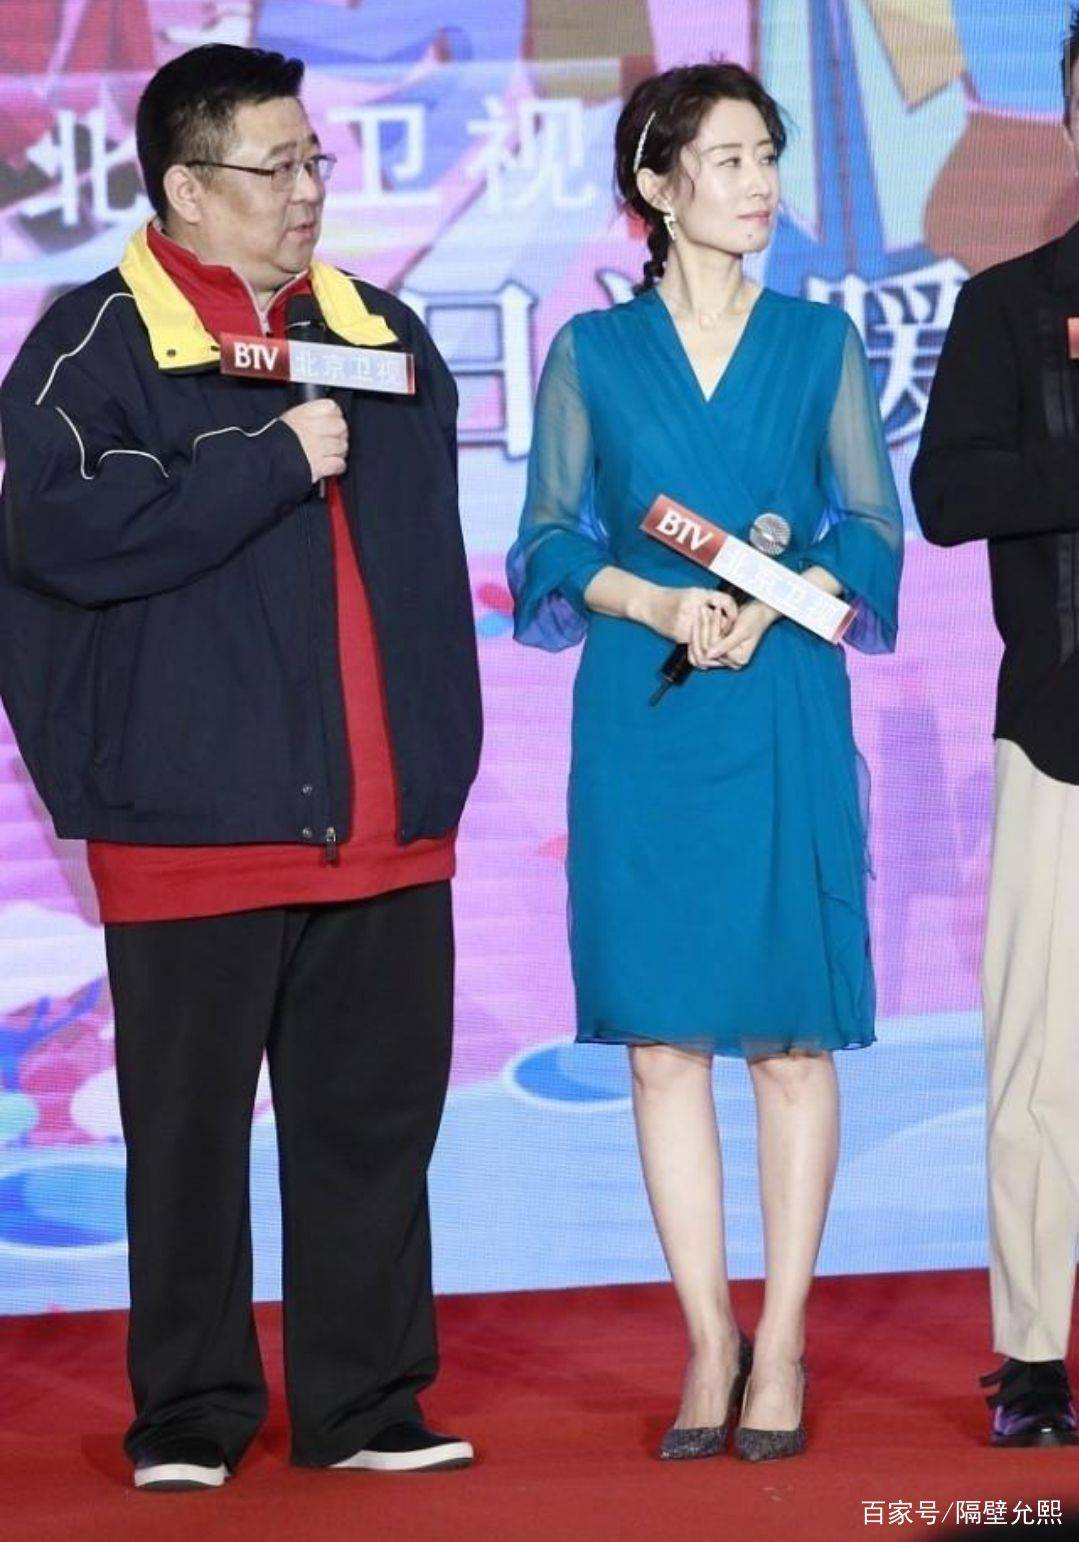 刘敏涛不愧是气质美女,搭配蓝色连衣裙参加活动,尽显优美姿态